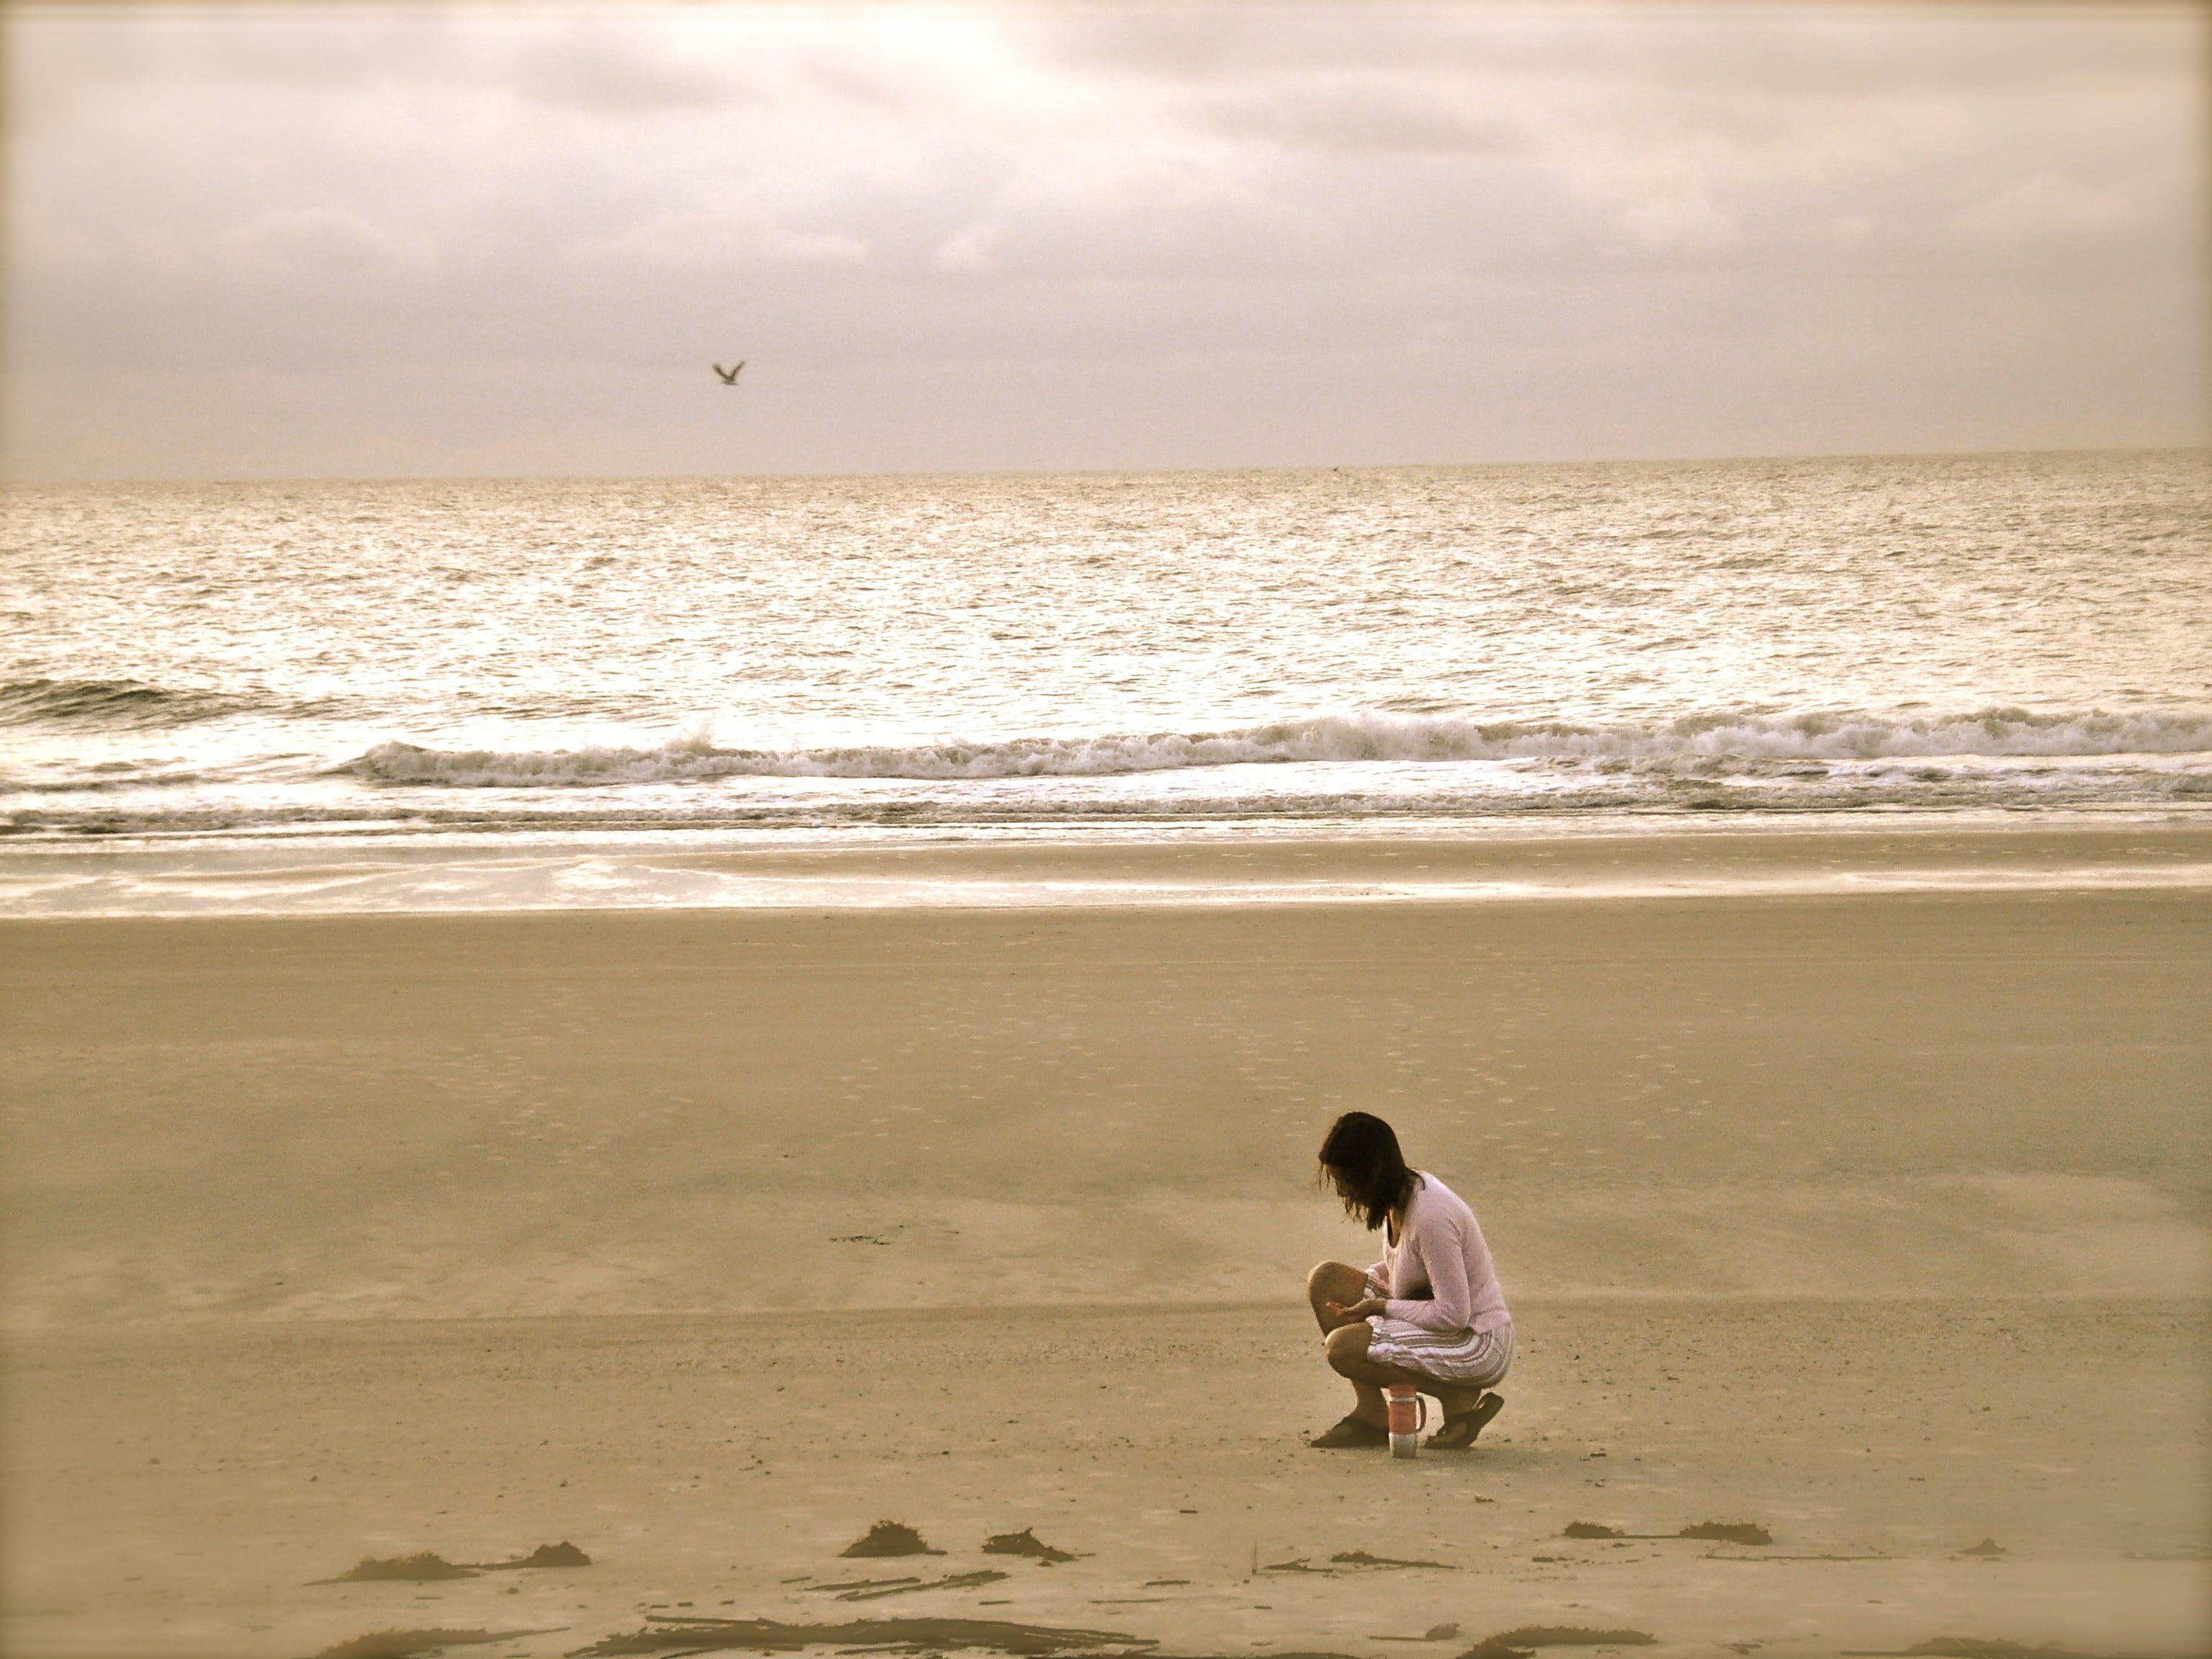 Woman in Pink Cardigan Sitting on Seashore